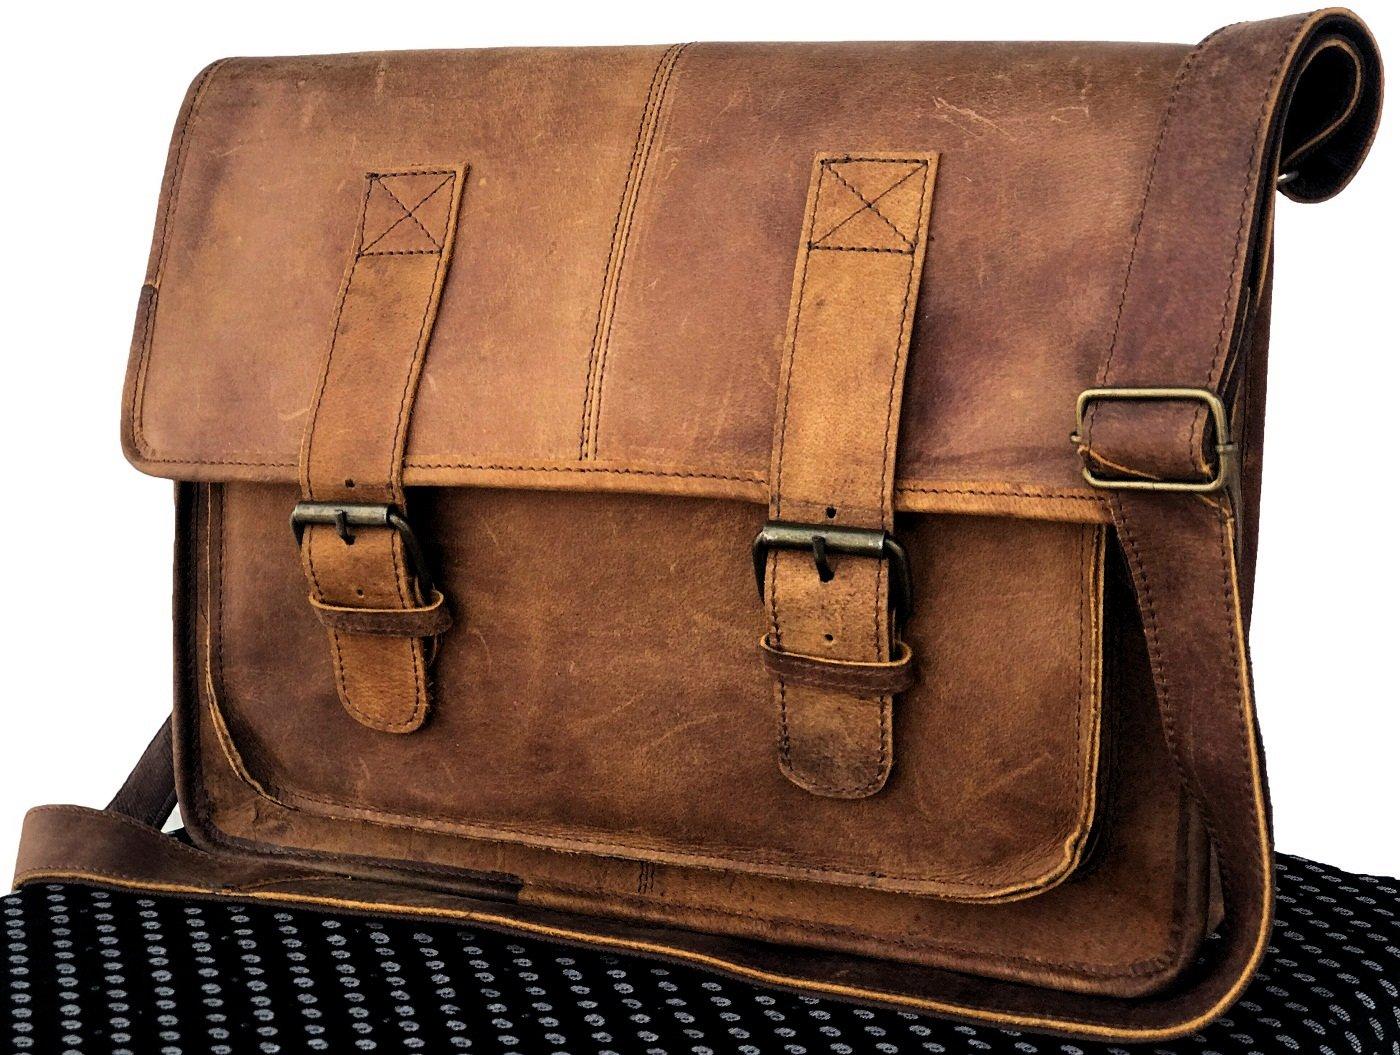 AOL Genuine Leather Bag 15'' Vintage Buffalo Messenger Satchel Laptop Briefcase Unisex Bags Crazy Briefcase Bags For Men Women